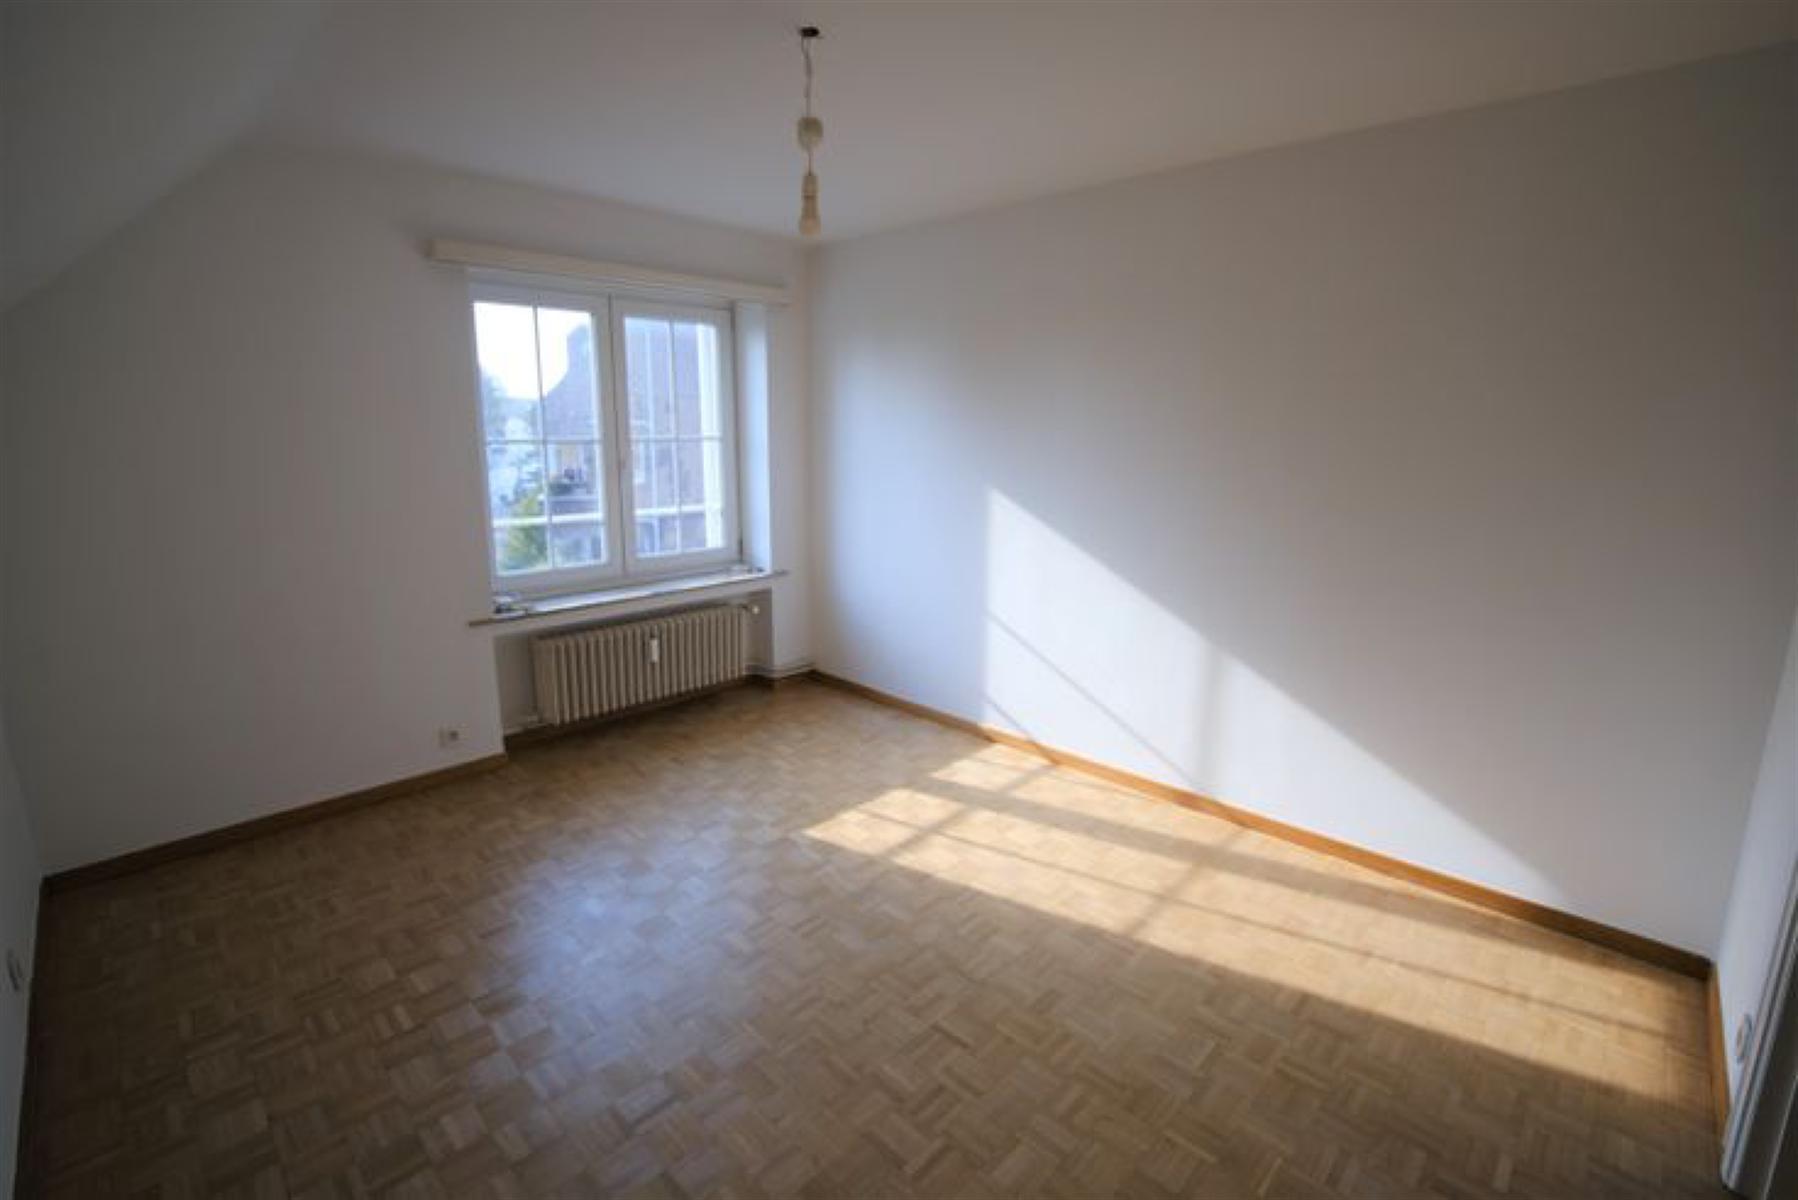 Appartement - Woluwe-Saint-Pierre - #4520815-4